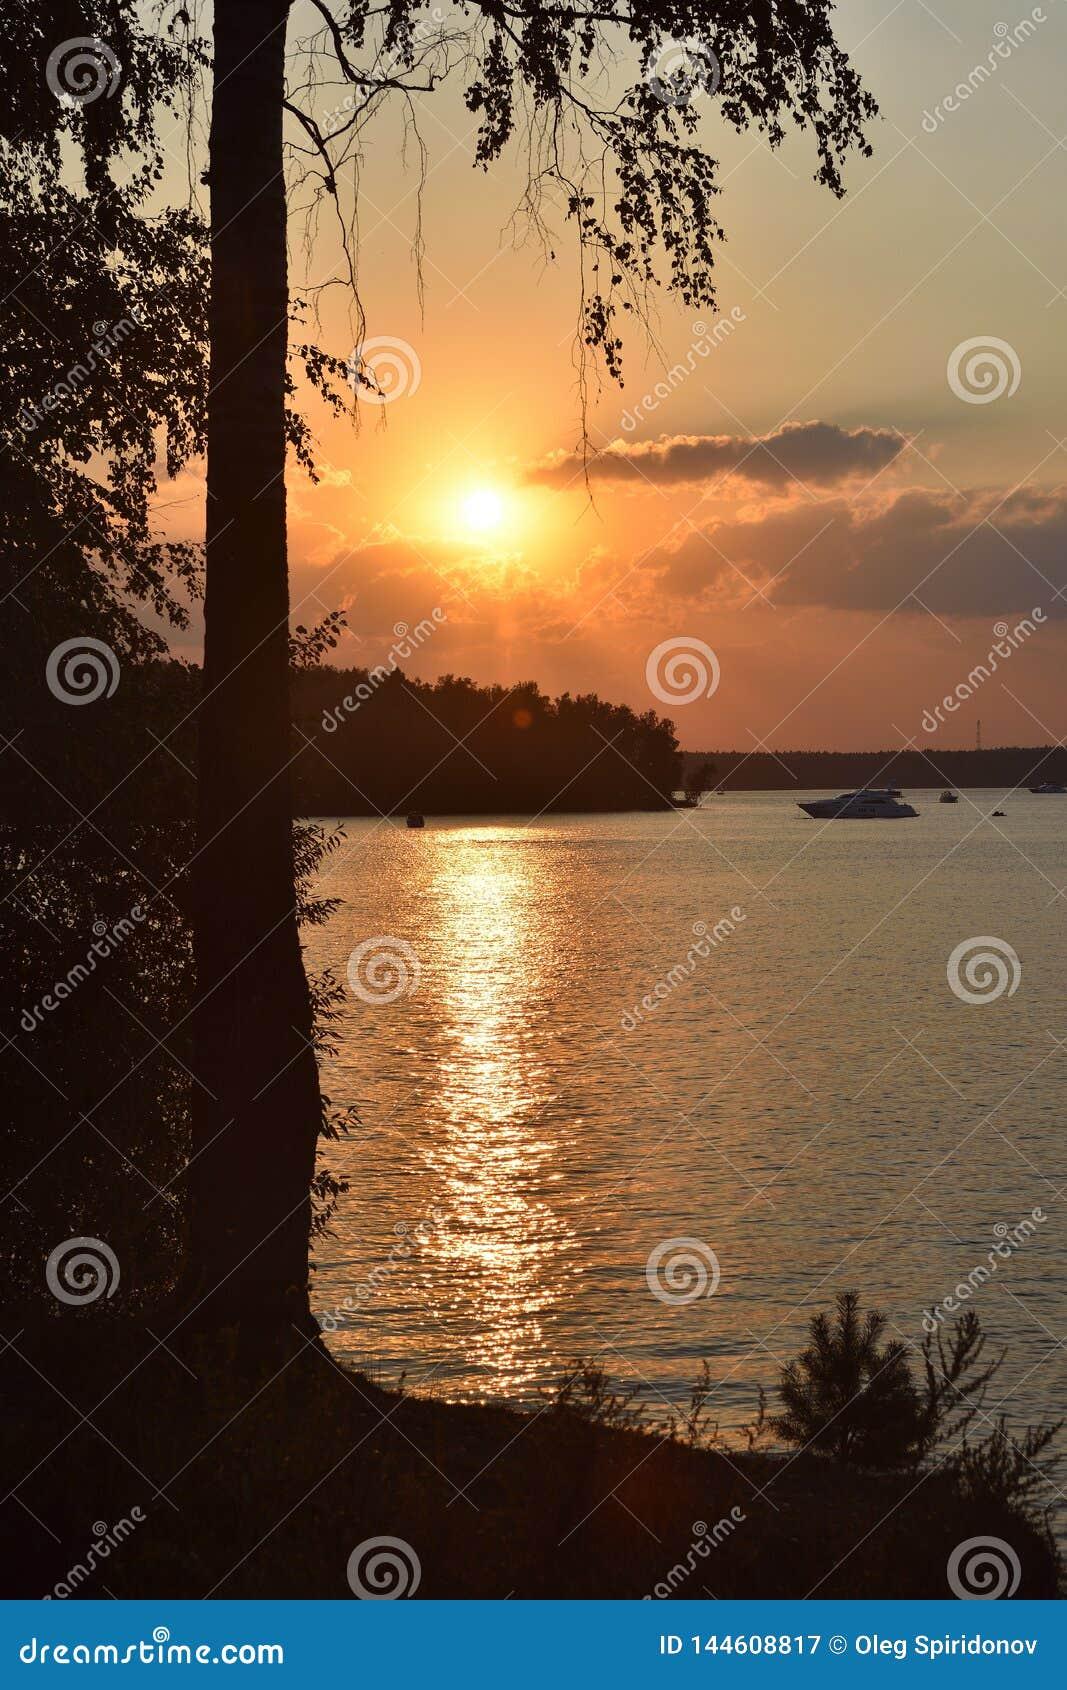 Zonsondergang op het meer, silhouet van een berk op een zonsondergang backgroun